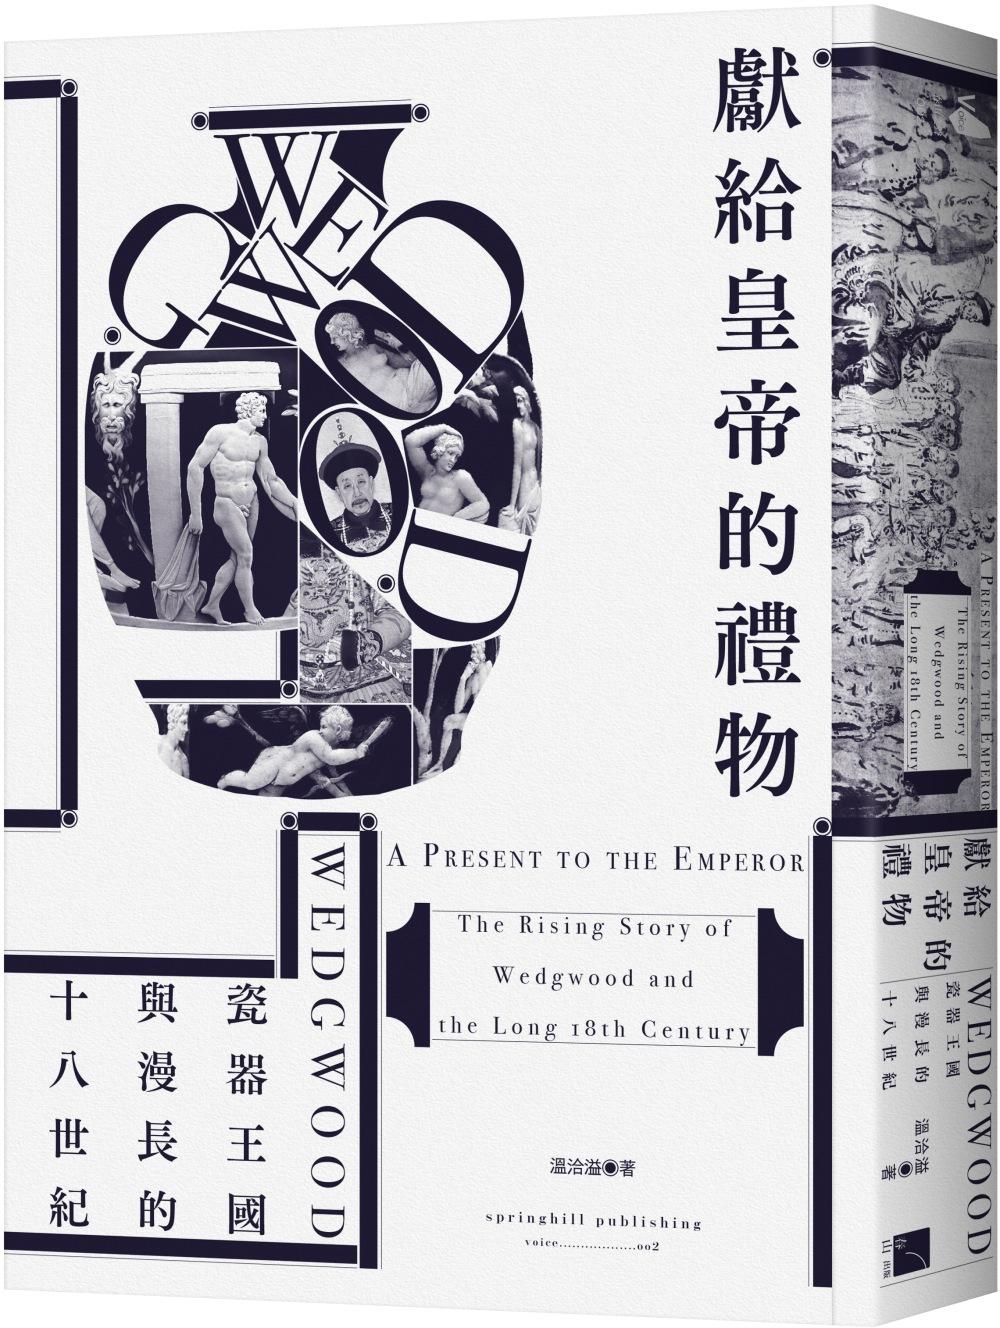 獻給皇帝的禮物:Wedgwood瓷器王國與漫長的十八世紀